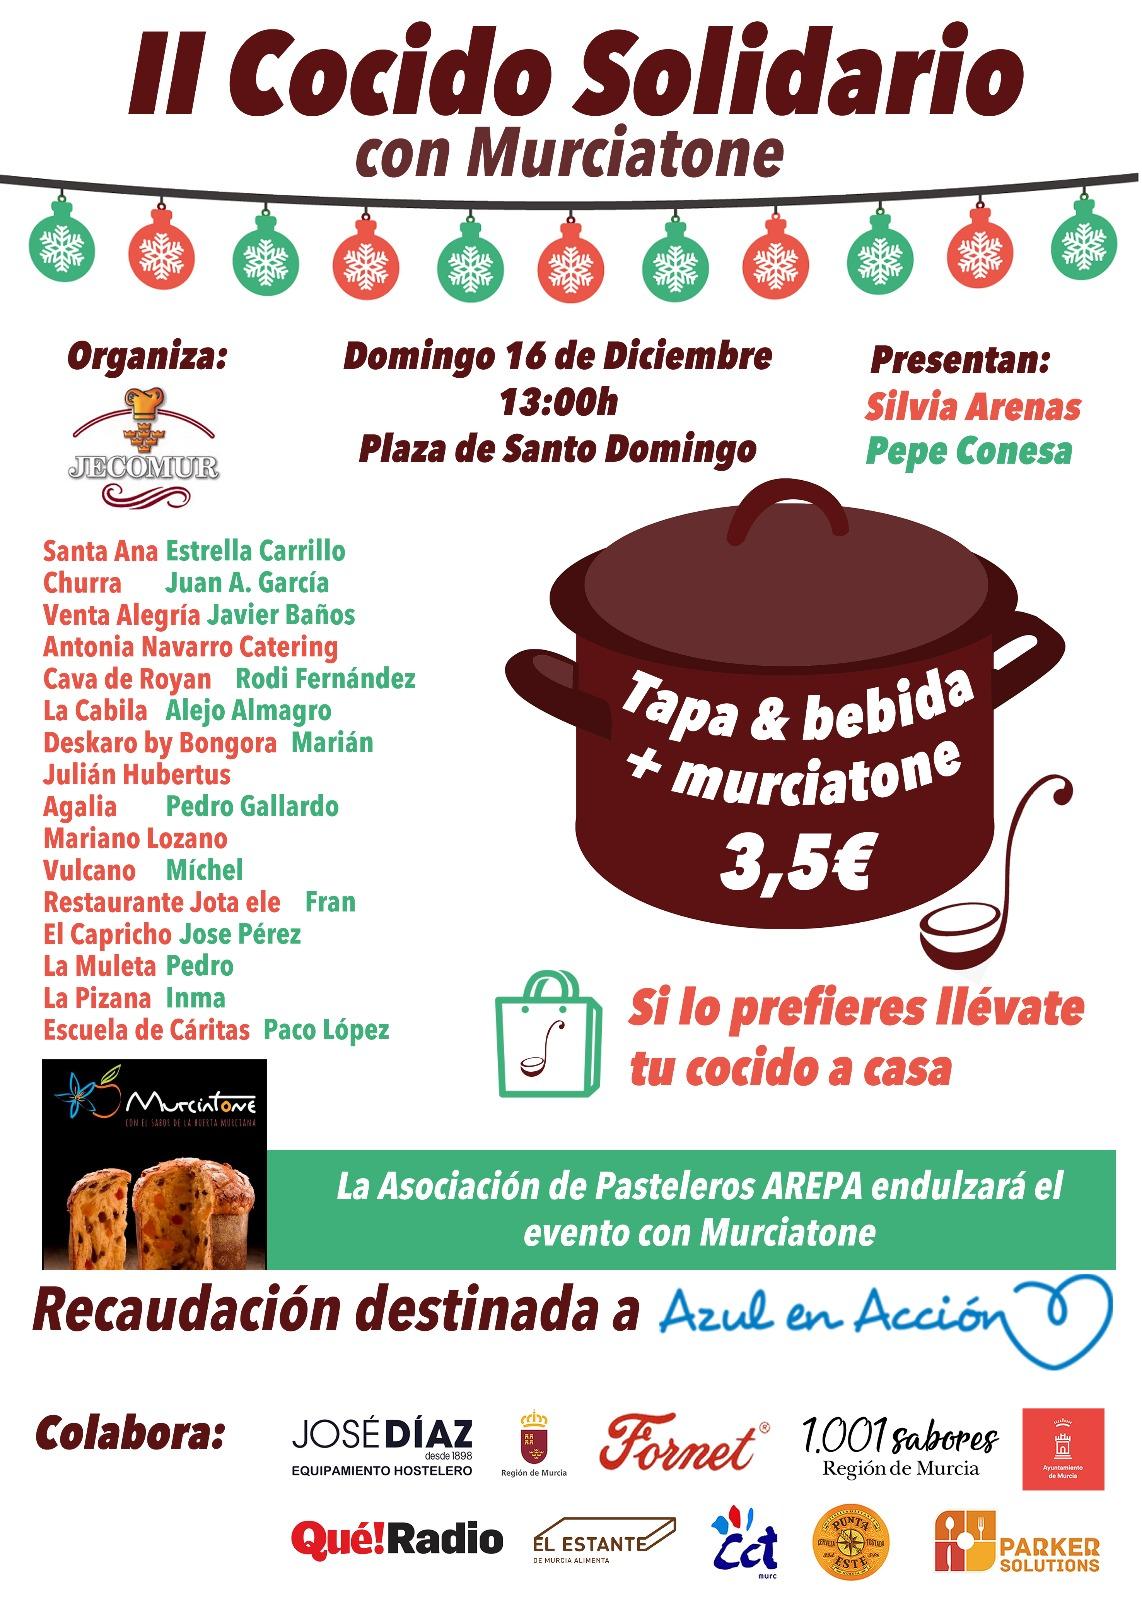 Cartel de El Cocido Solidario